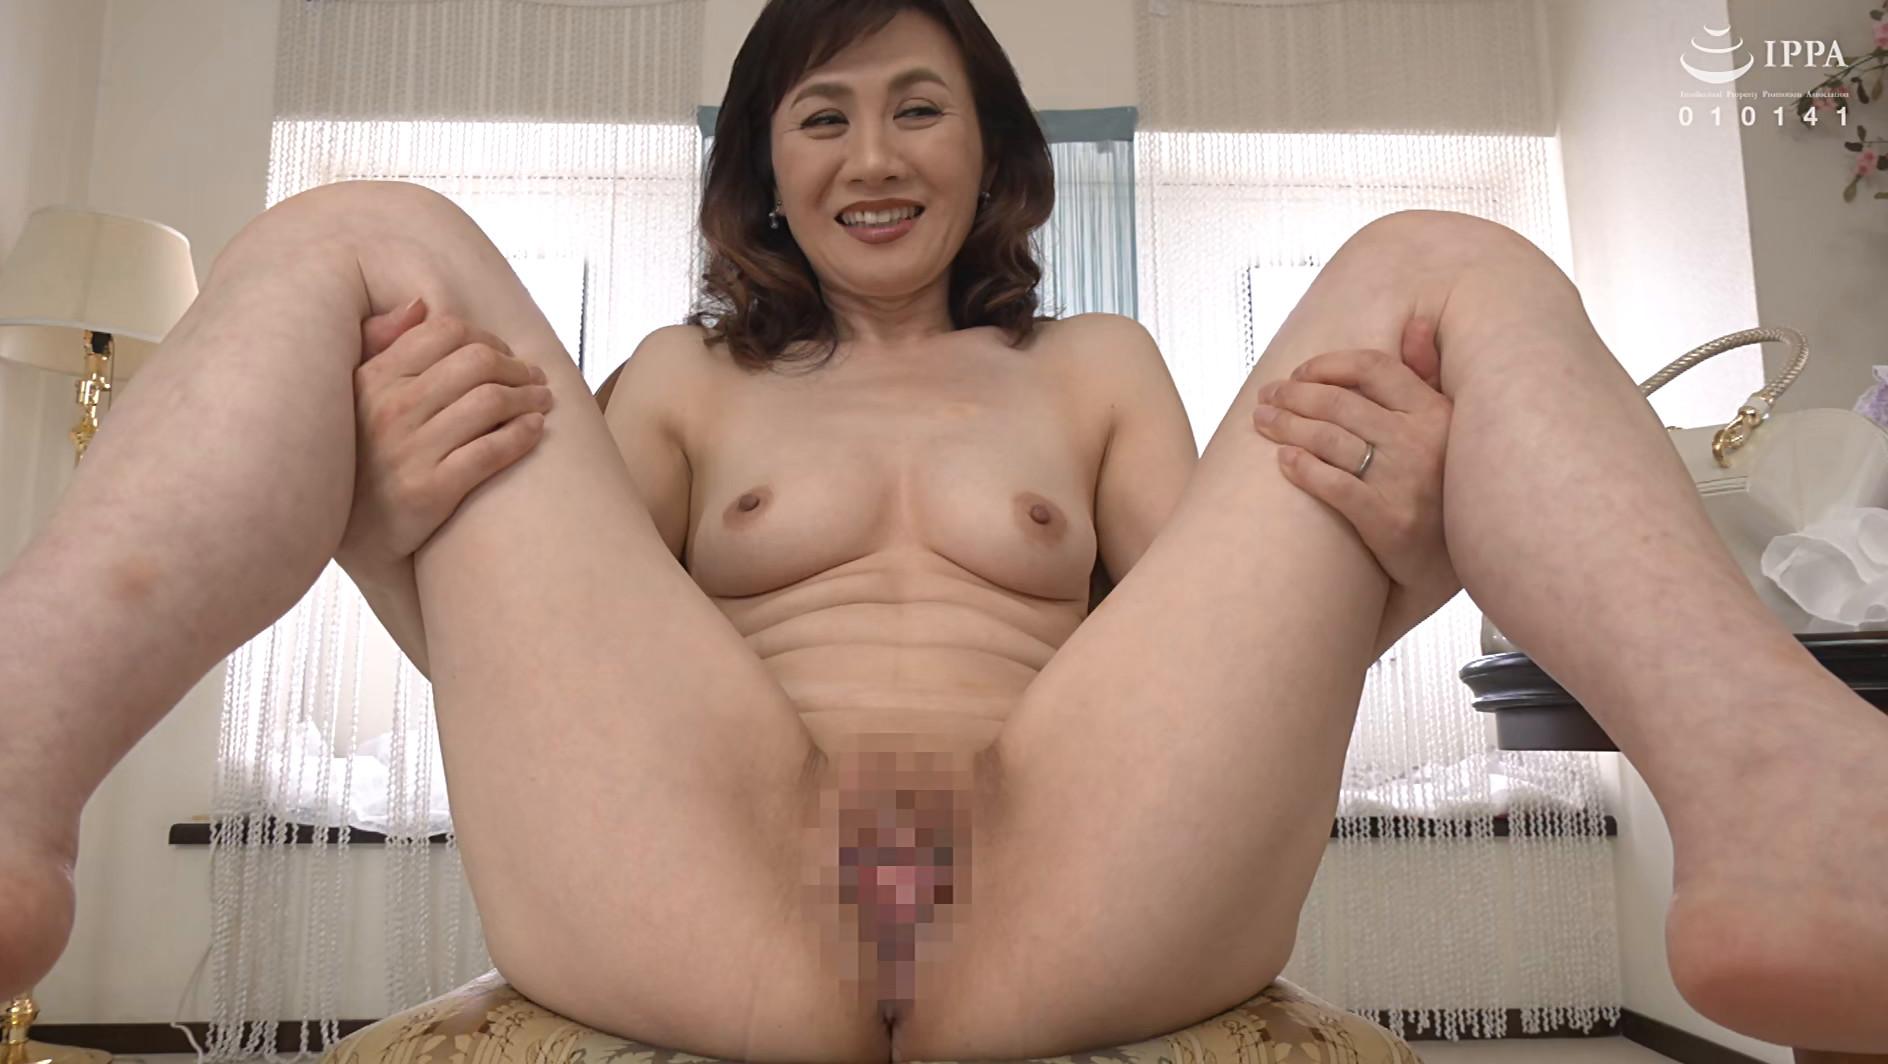 初撮り五十路妻ドキュメント 岡崎智江 五十五歳 画像4